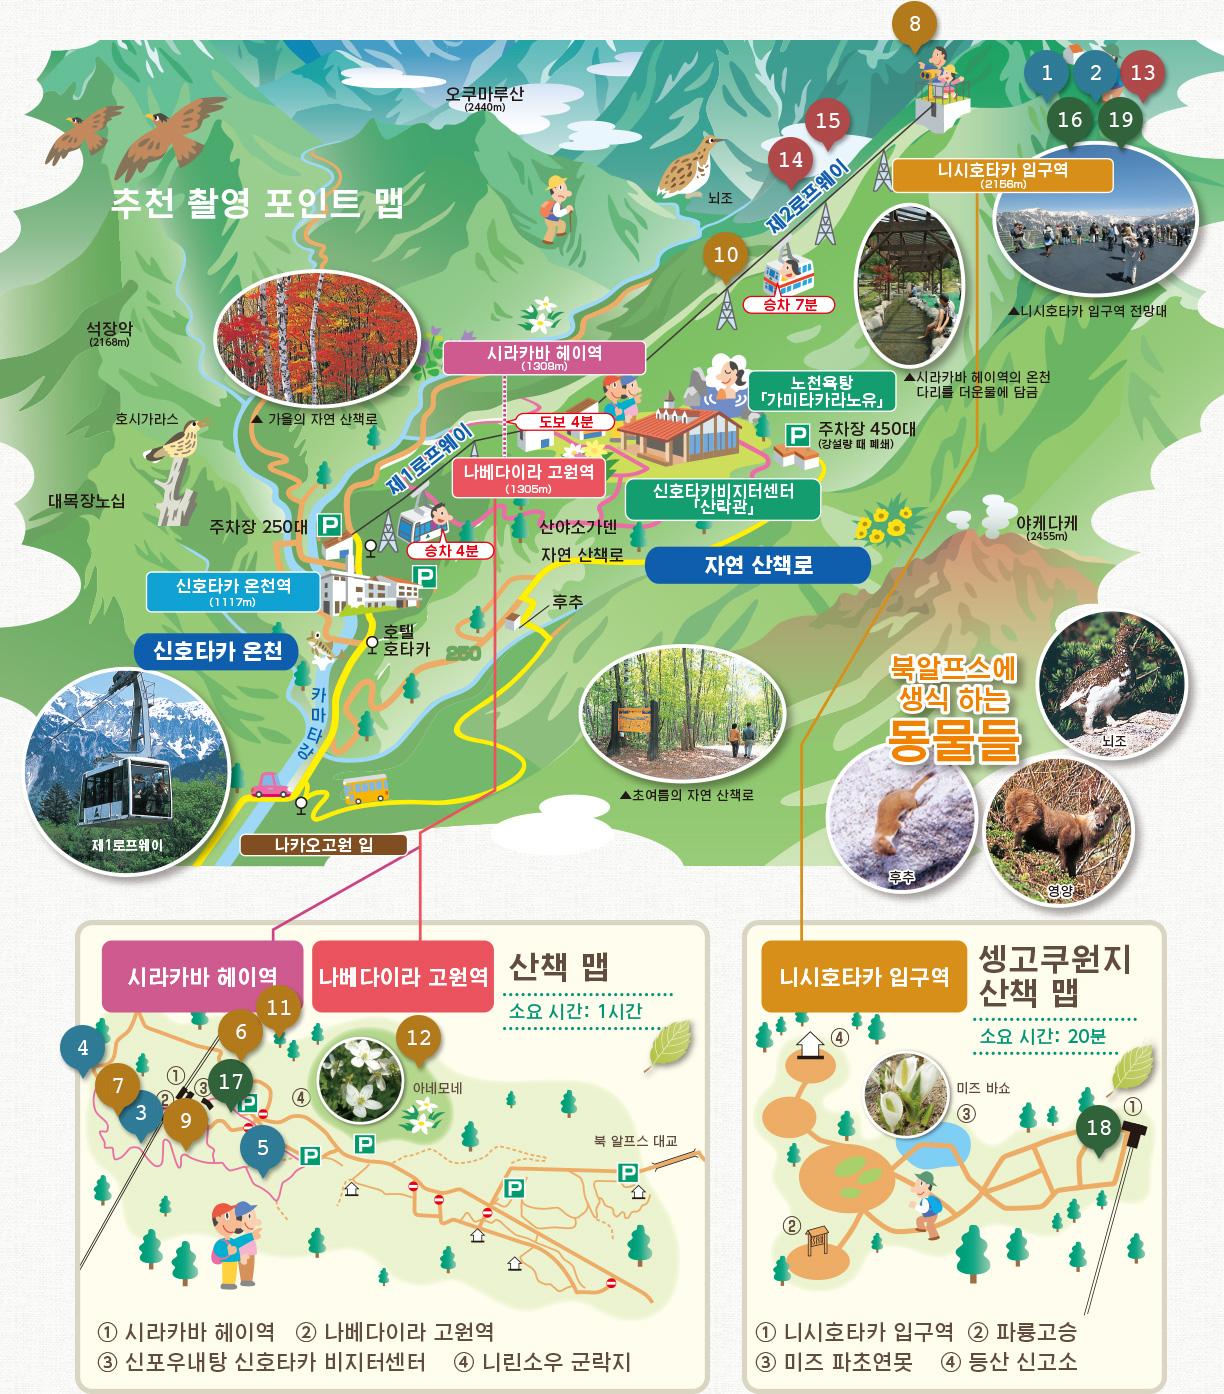 추천 촬영 포인트 MAP